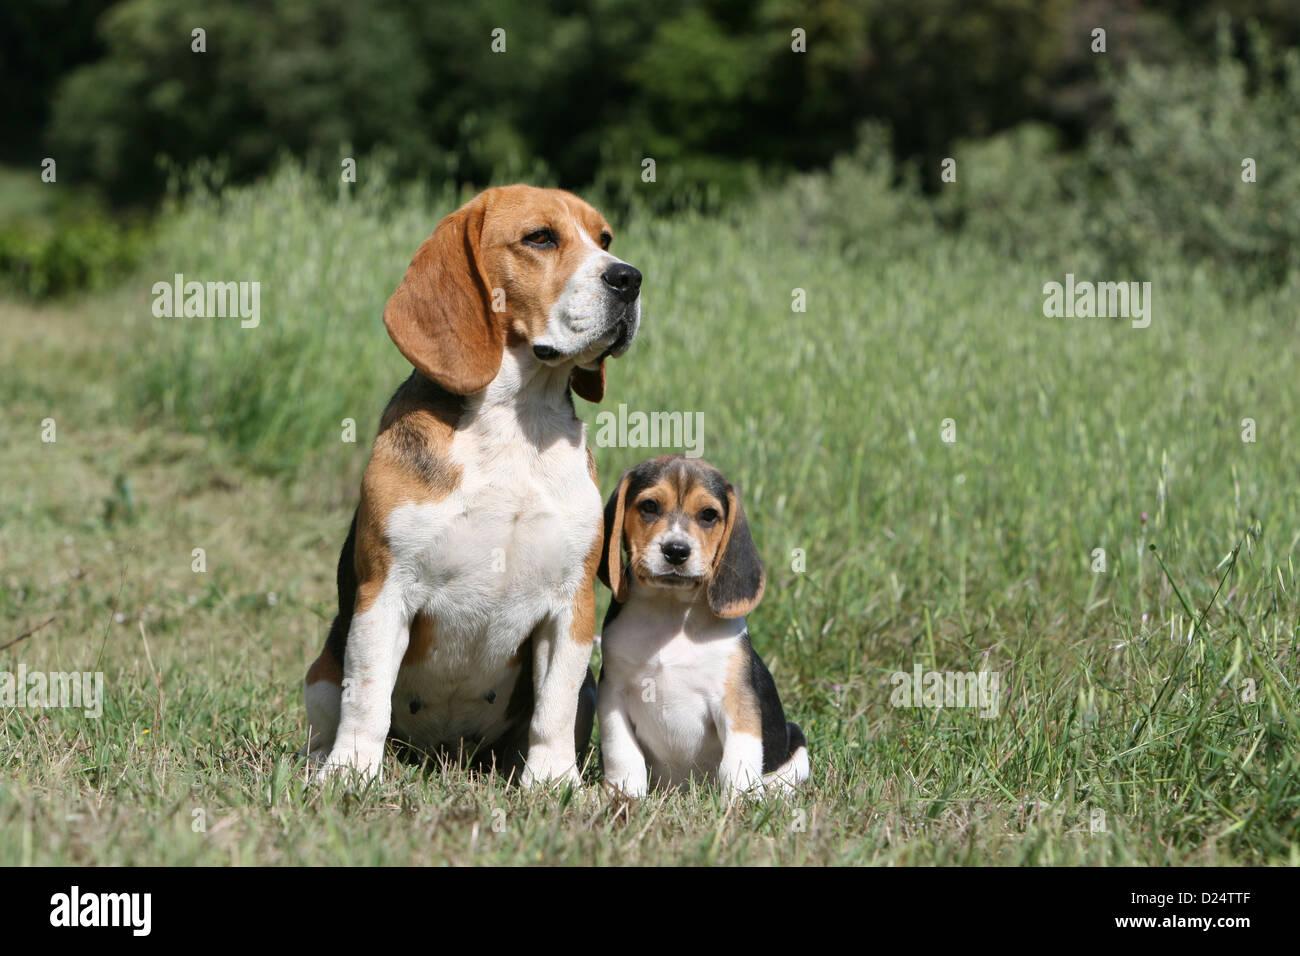 Hund Beagle Erwachsene Und Welpen Sitzen Auf Einer Wiese Stockfoto